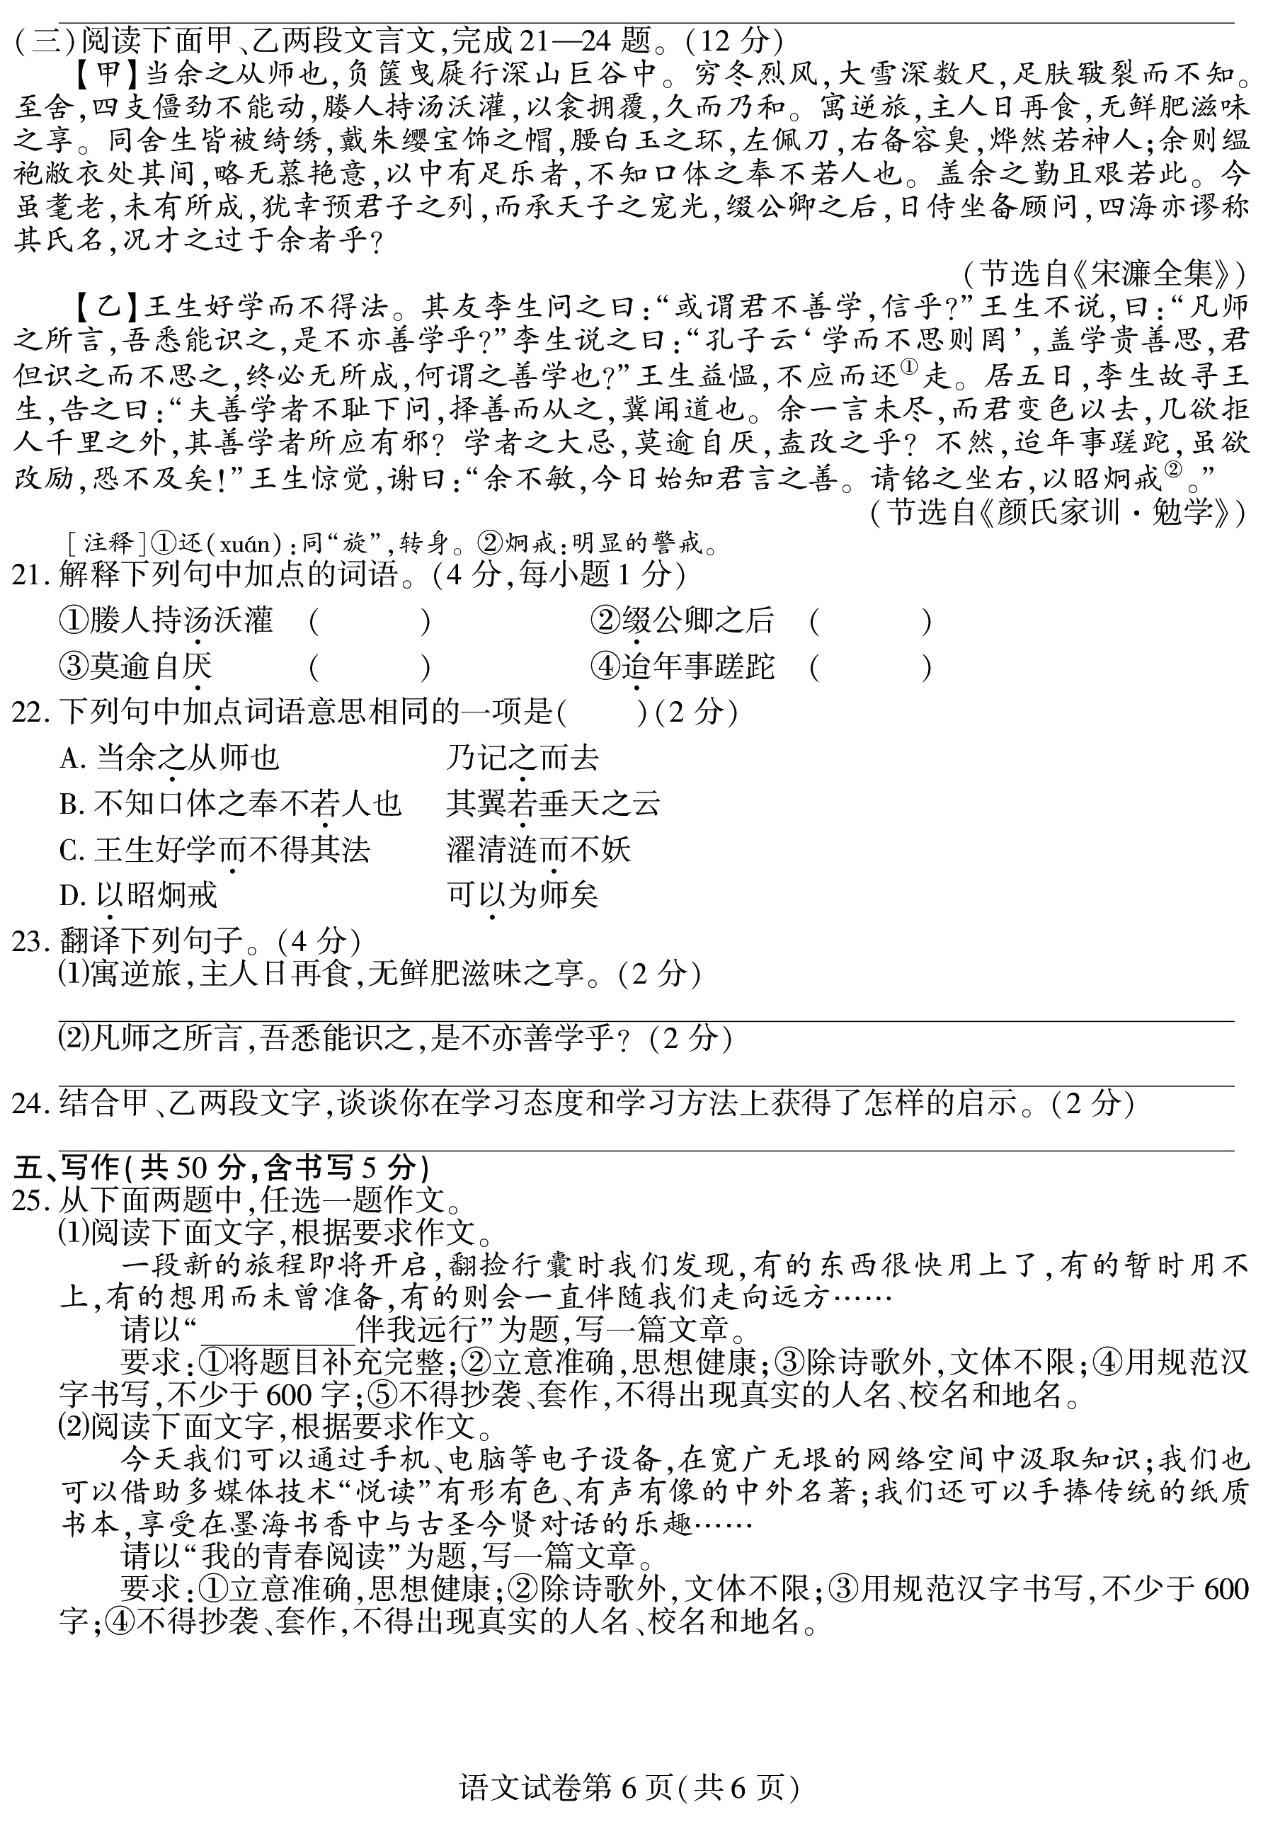 2019年四川南充中考语文真题已公布